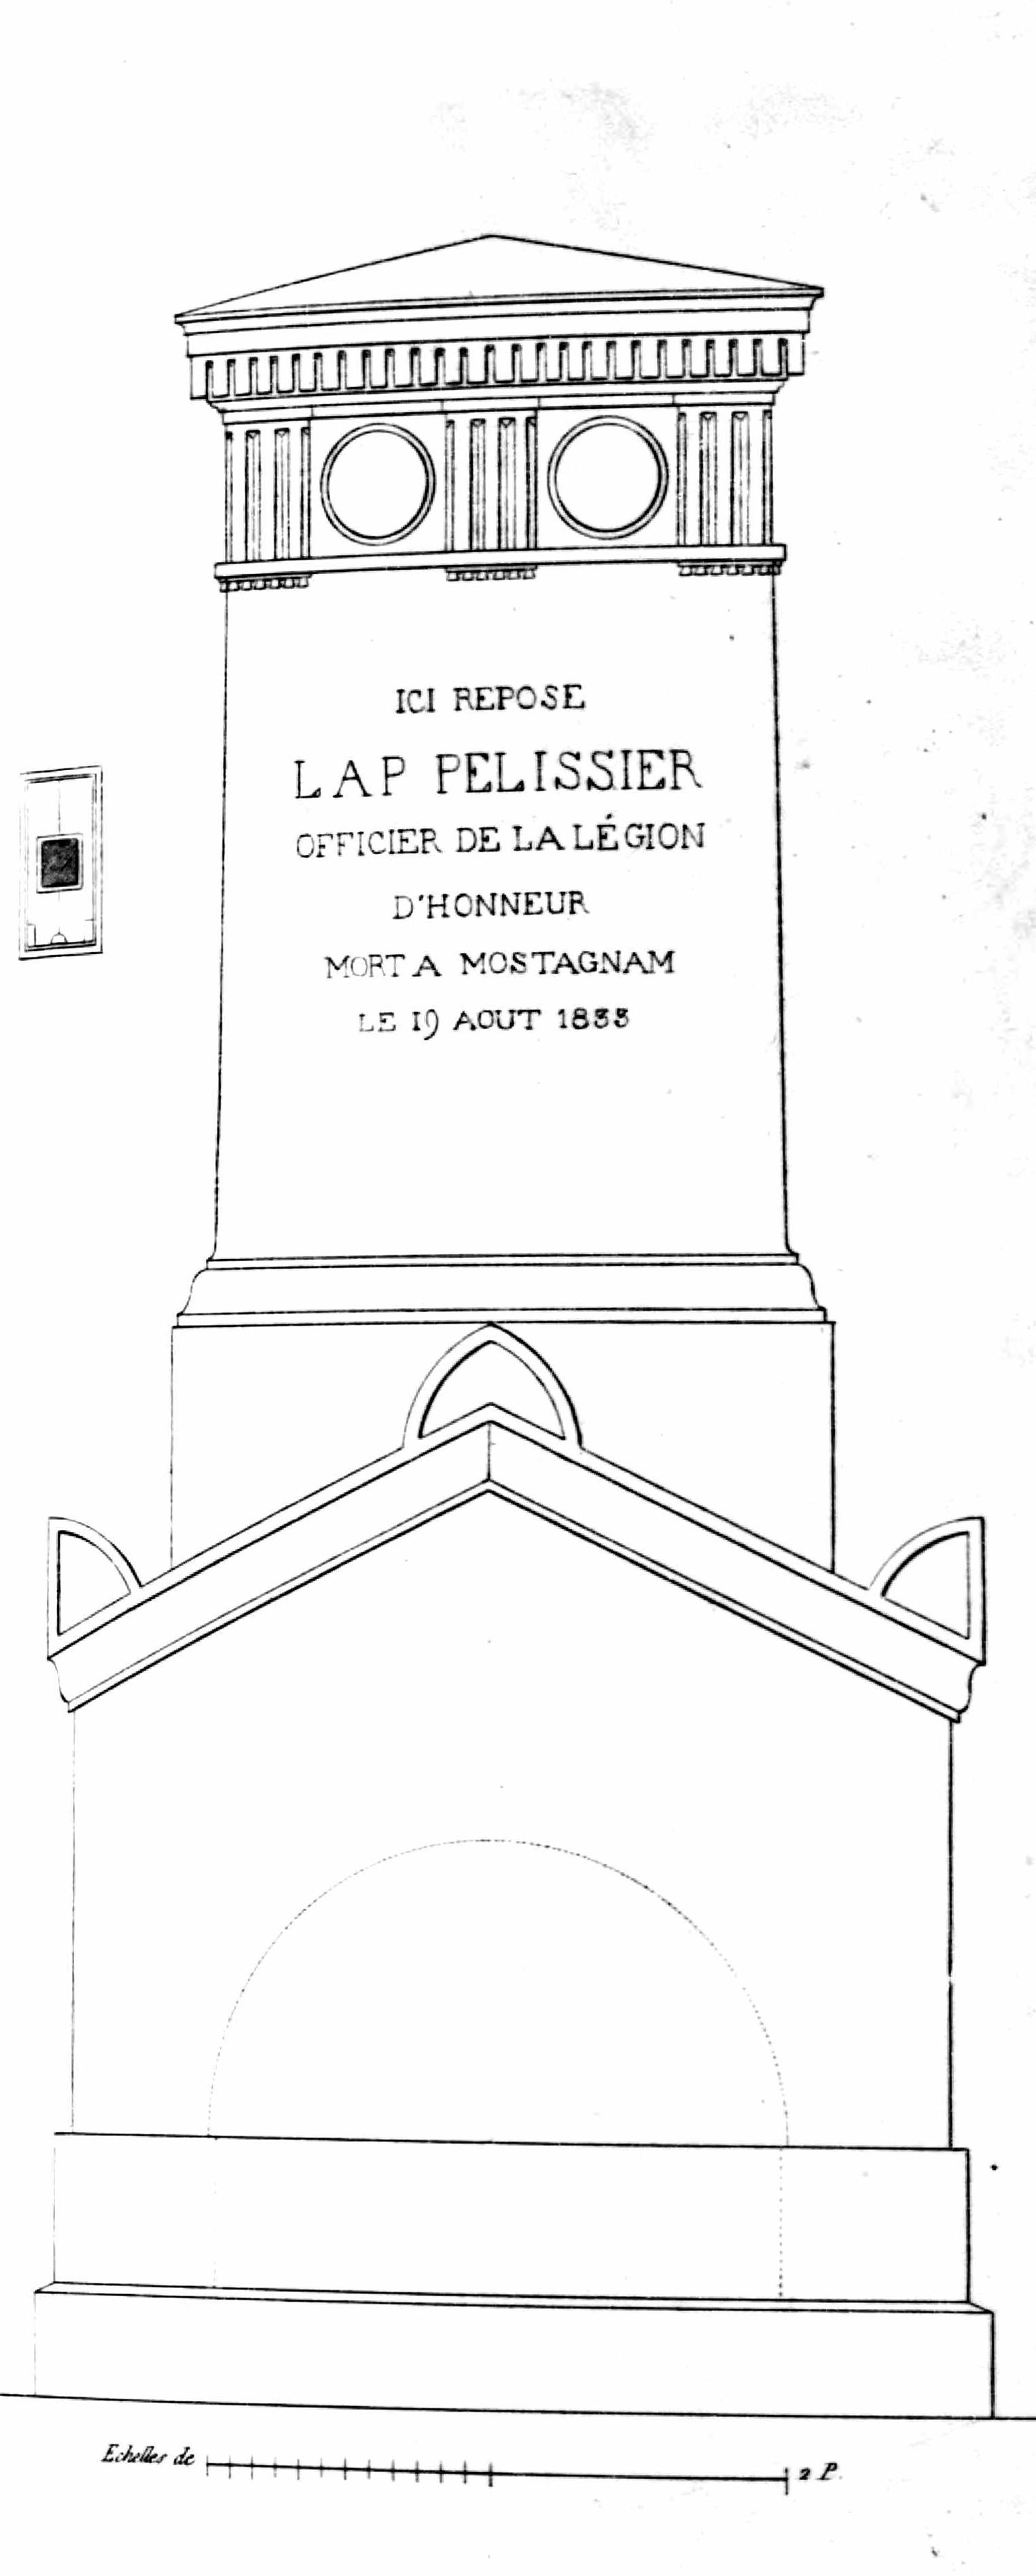 Monuments funéraires choisis dans les cimetières de Paris et des principales villes de France,  2nd part, 1863, by L. Normand ainé plate 49